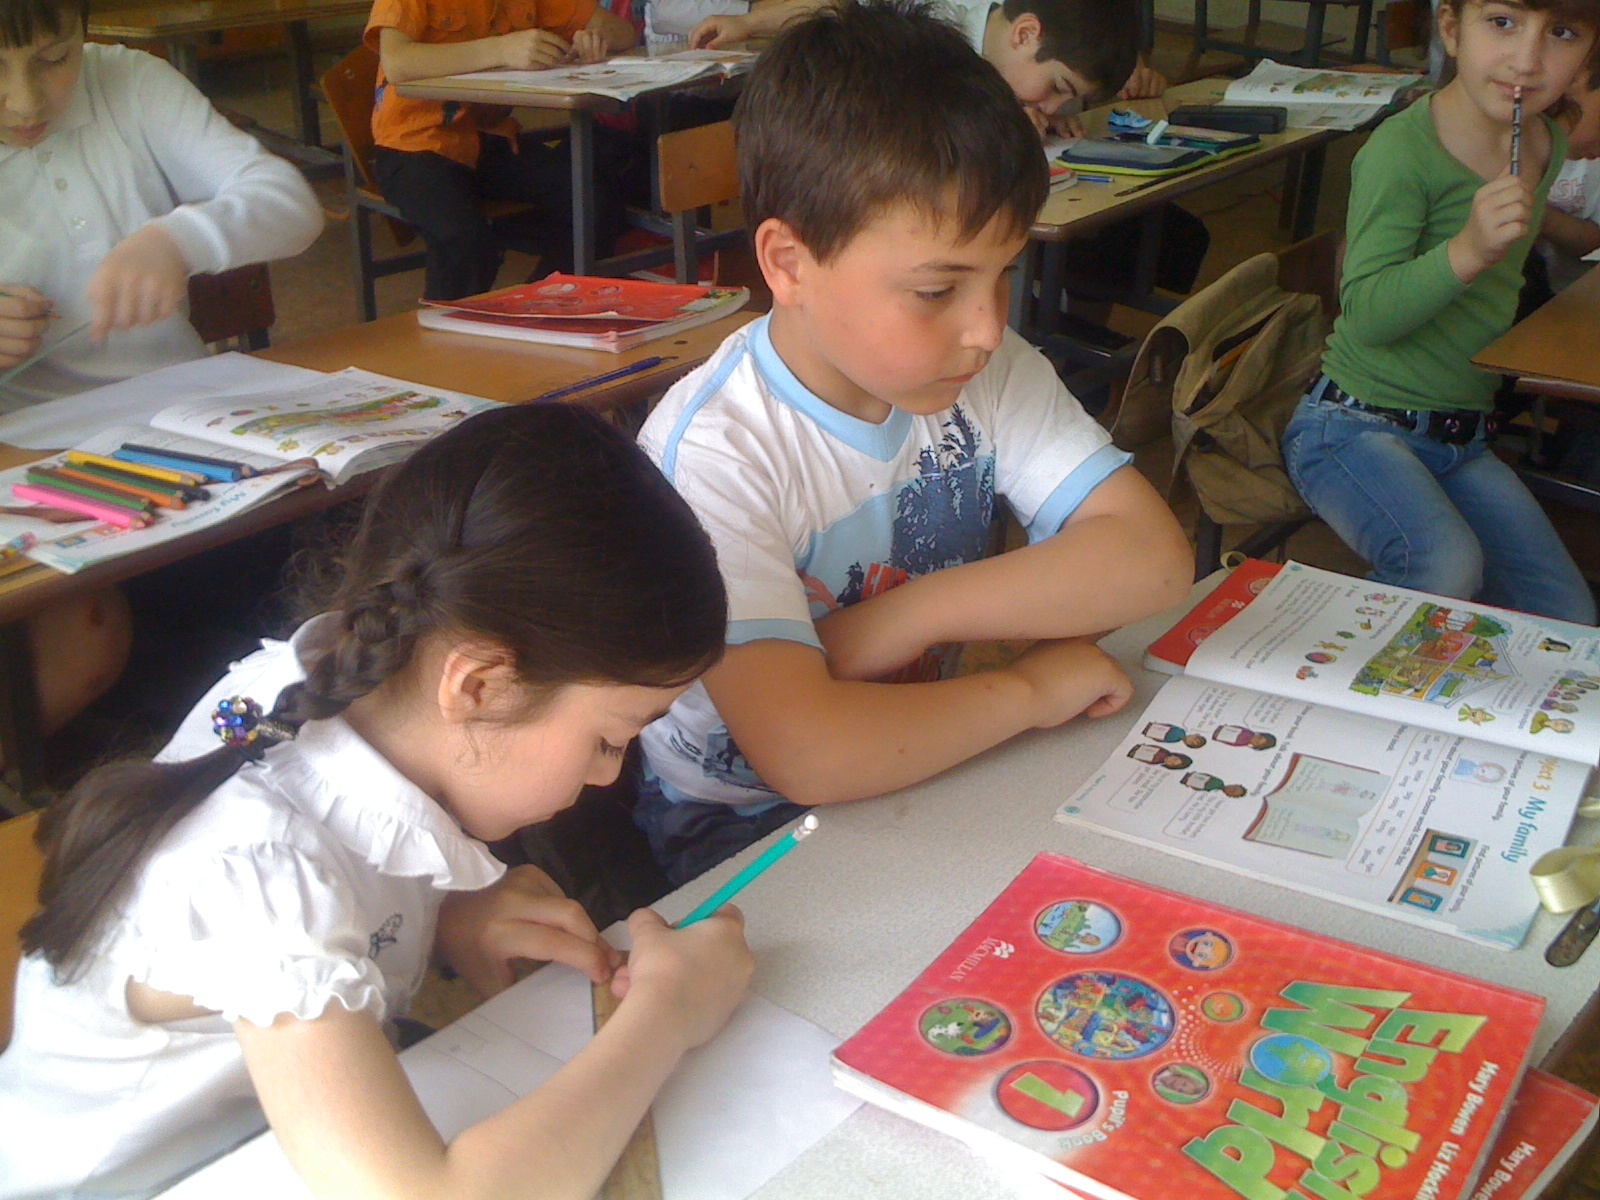 edukacja w Gruzji, Gruzja, reforma edukacji, Martyna Skura, blog podróżniczy